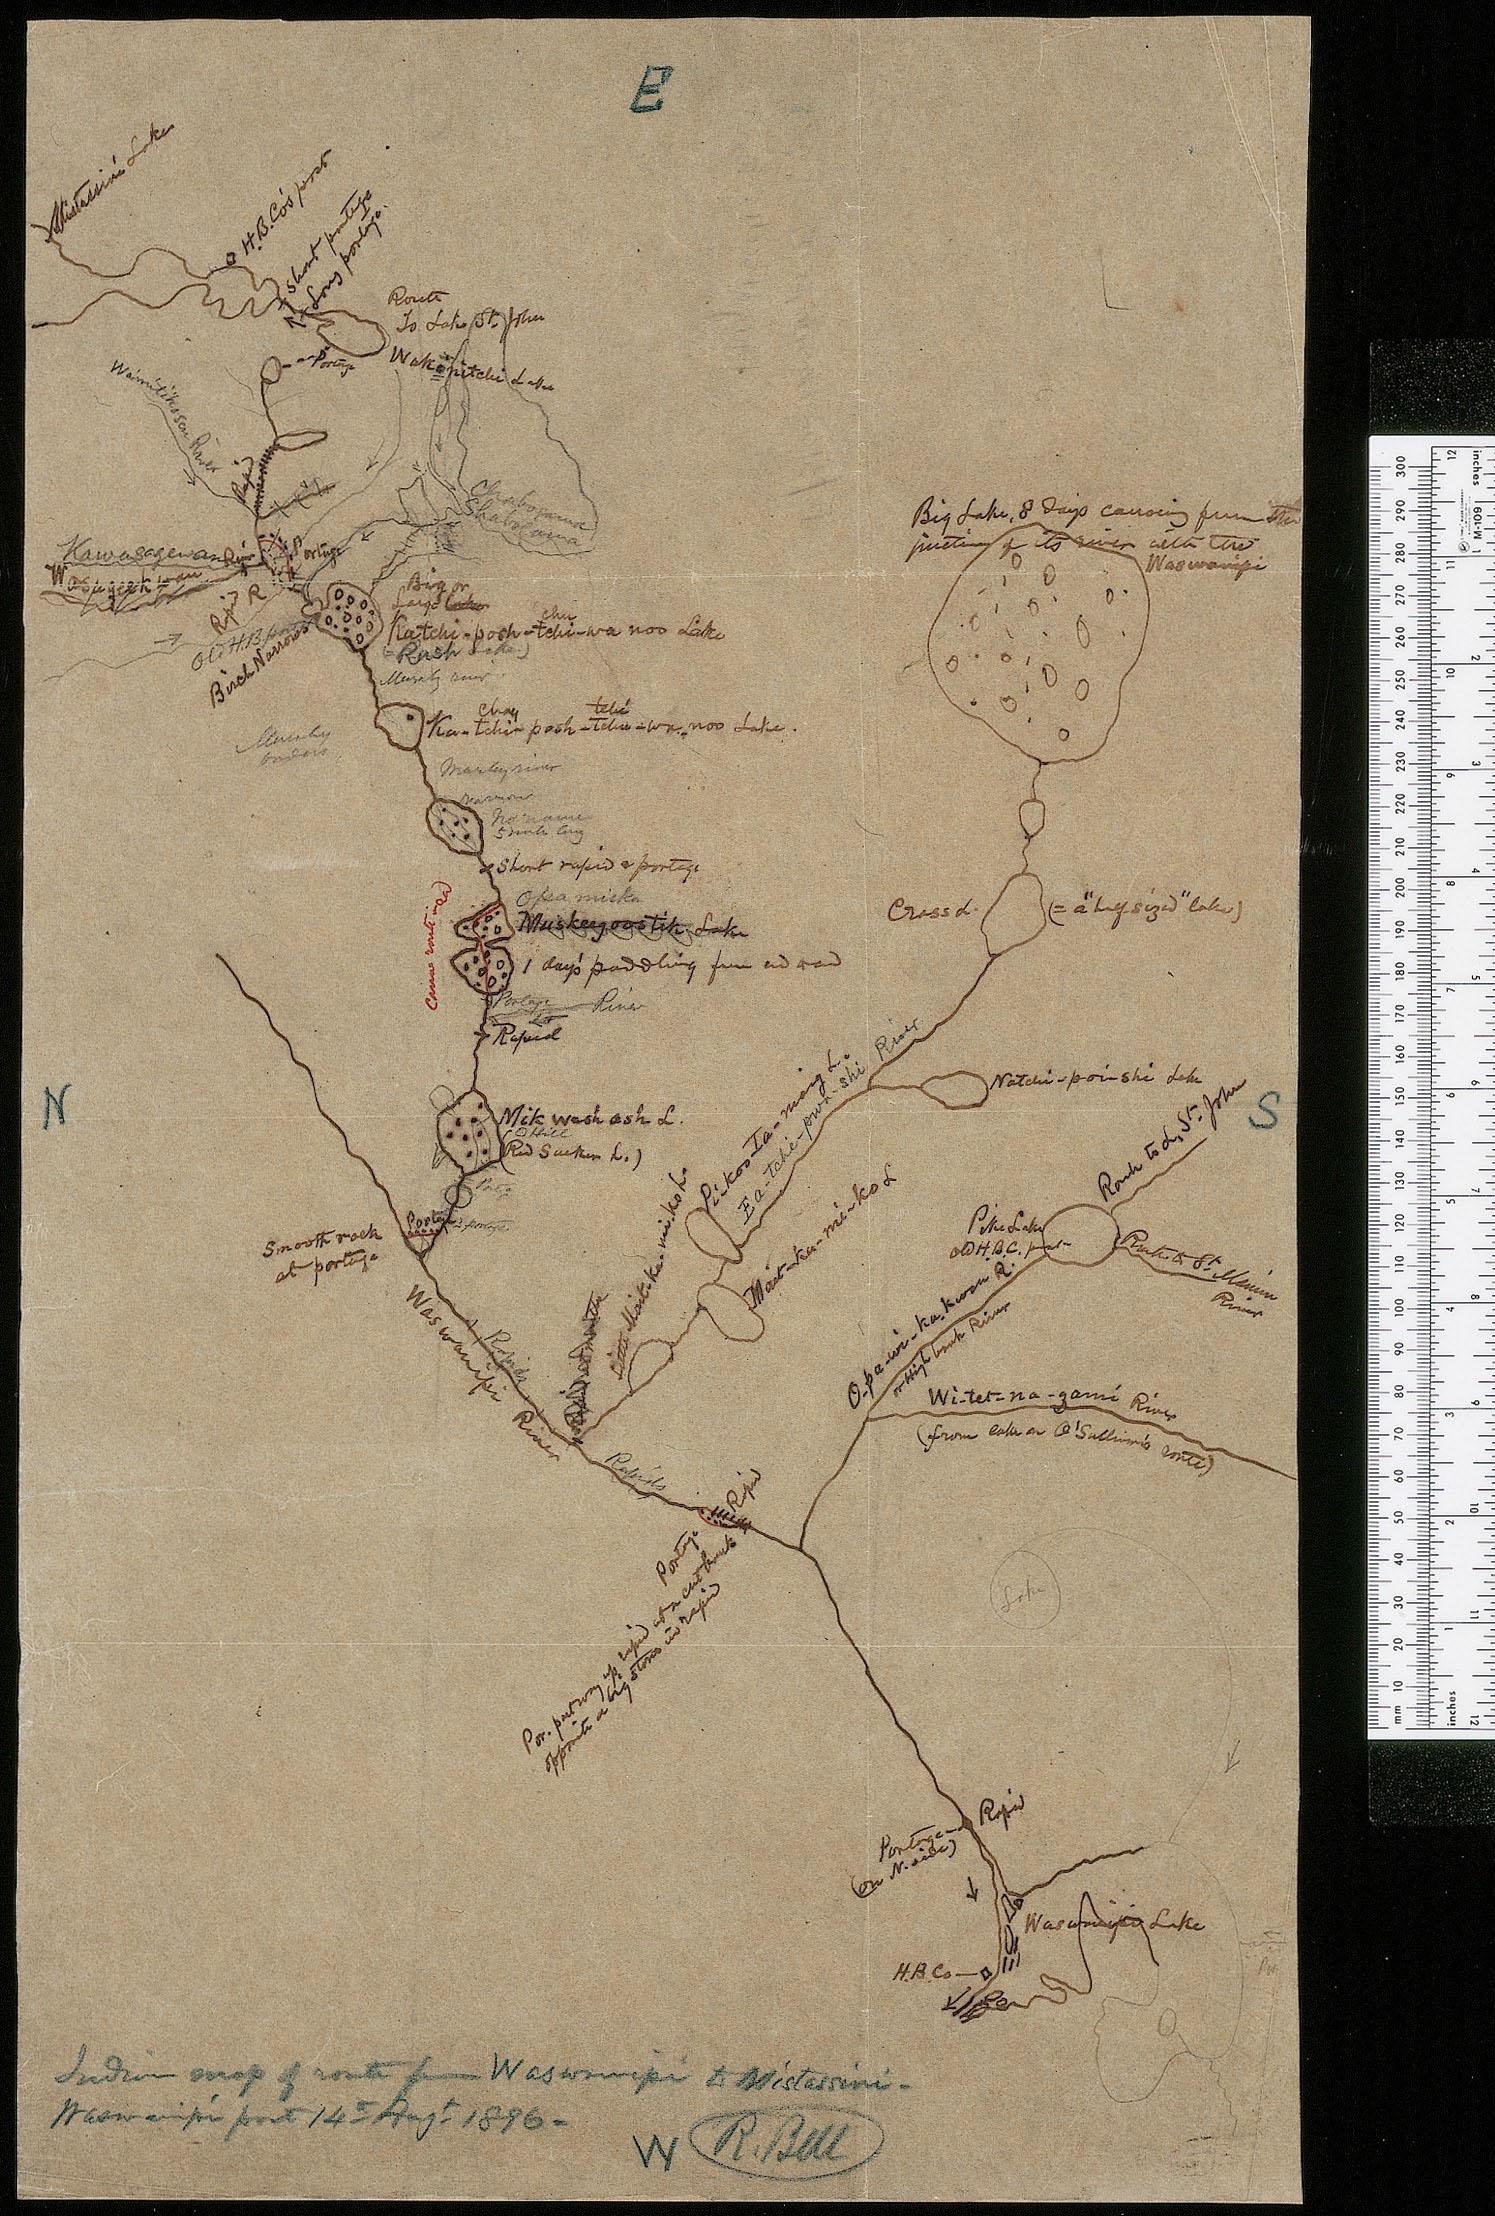 Carte dessinée à la main montrant une rivière et des plans d'eau, avec des noms de lieux et des points cardinaux. Une règle à mesurer blanche, servant à illustrer l'échelle, est située à la droite de la page.